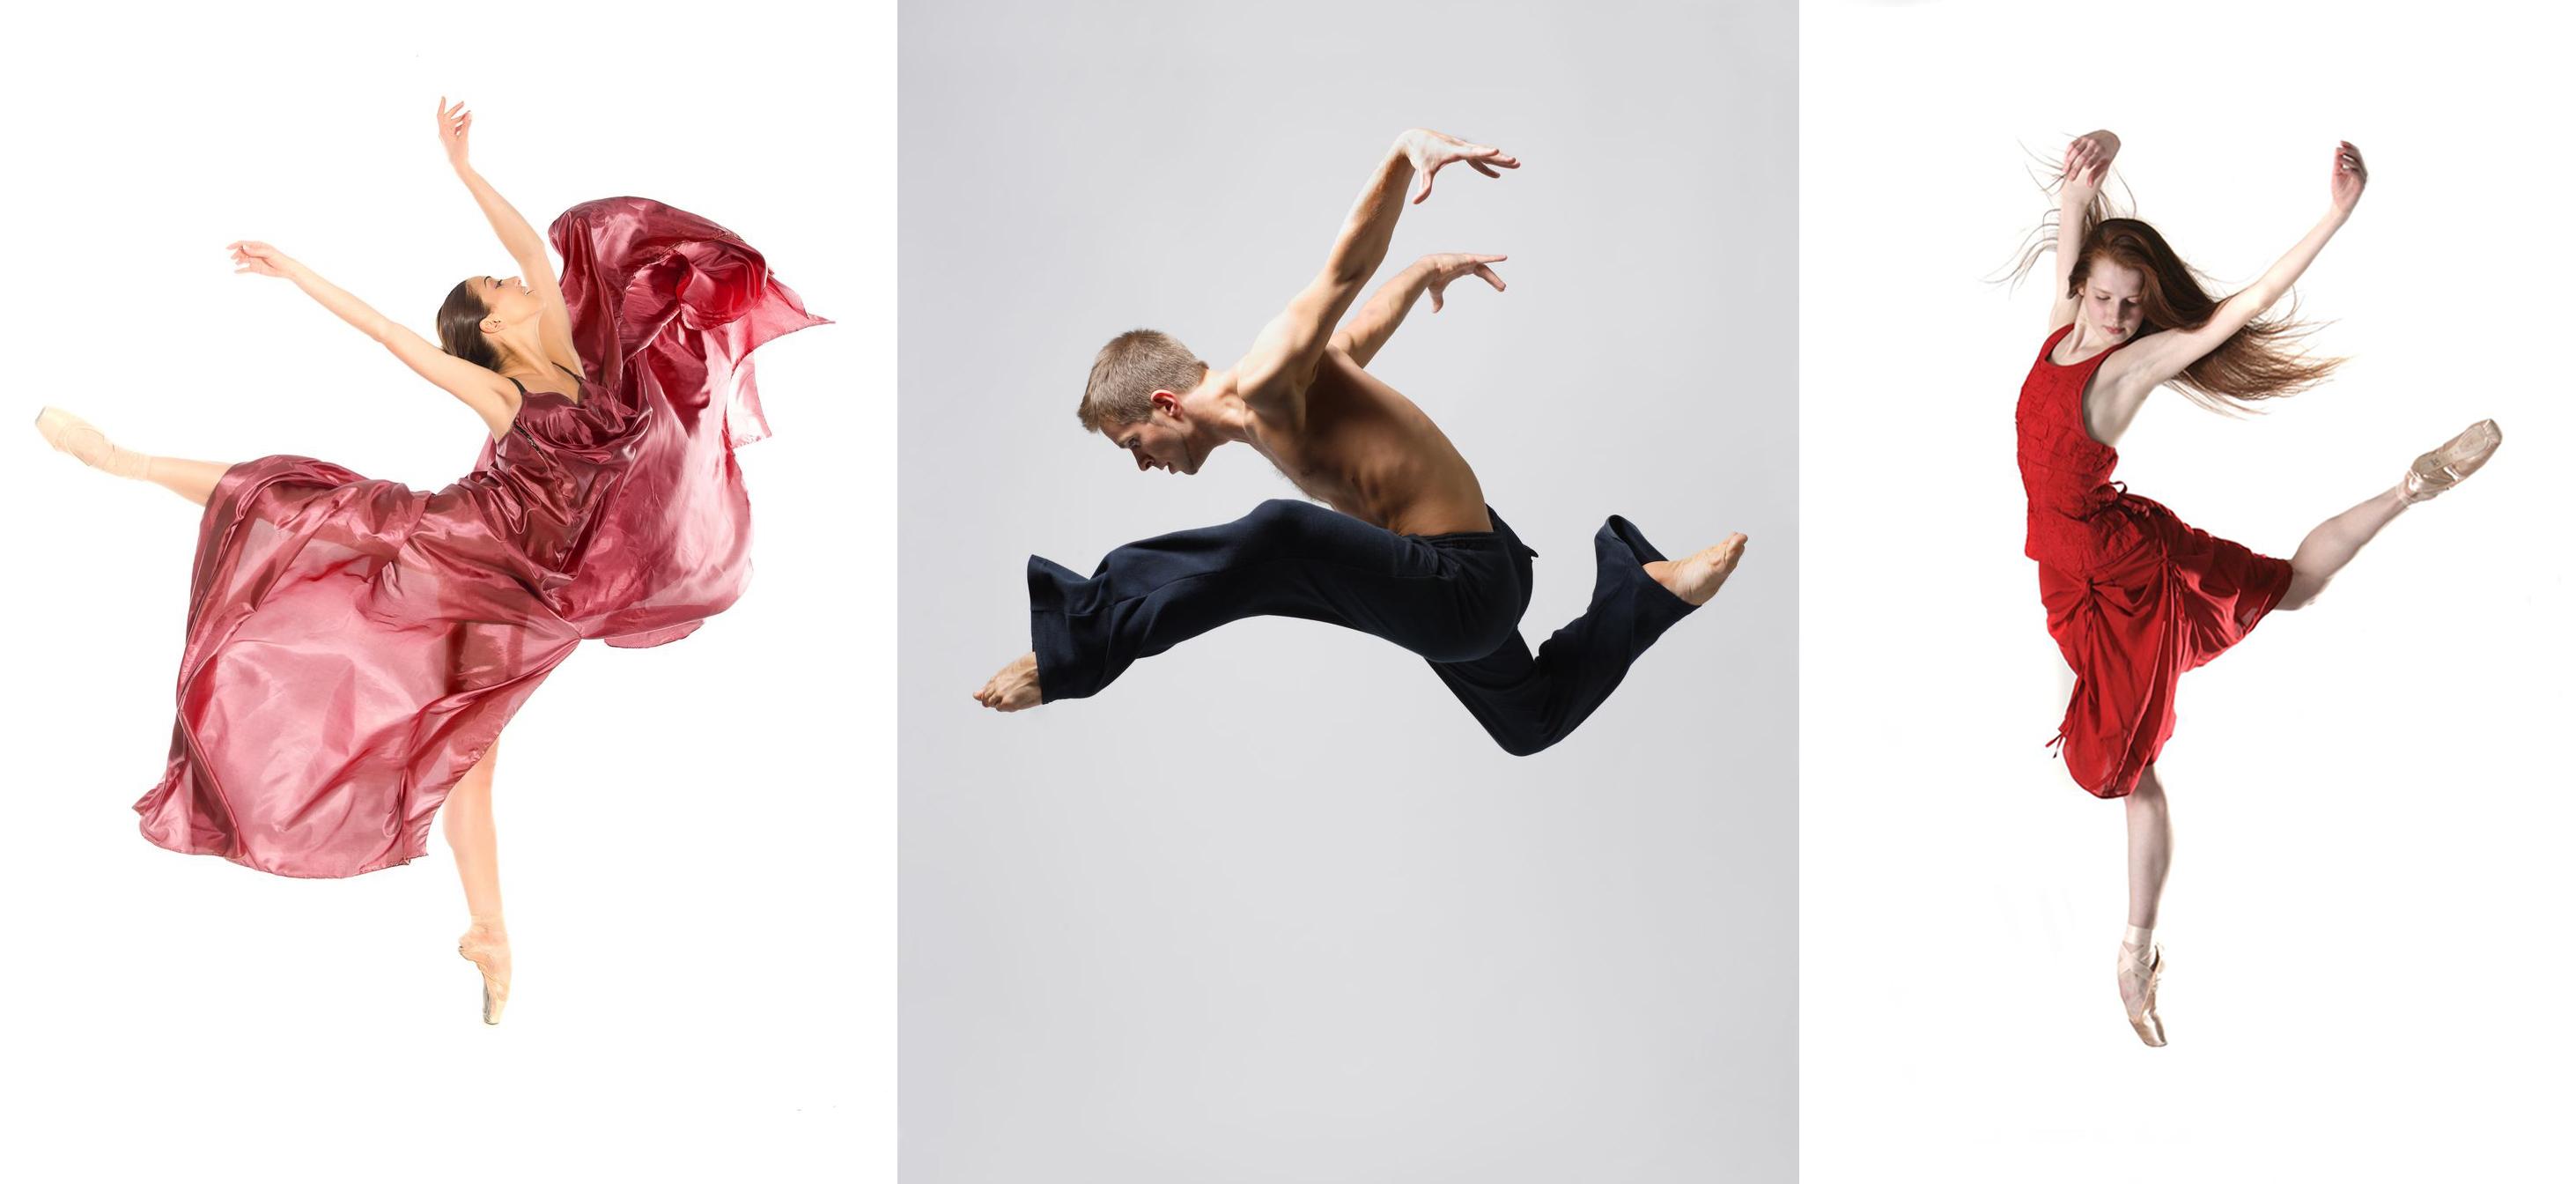 Dancer online dating